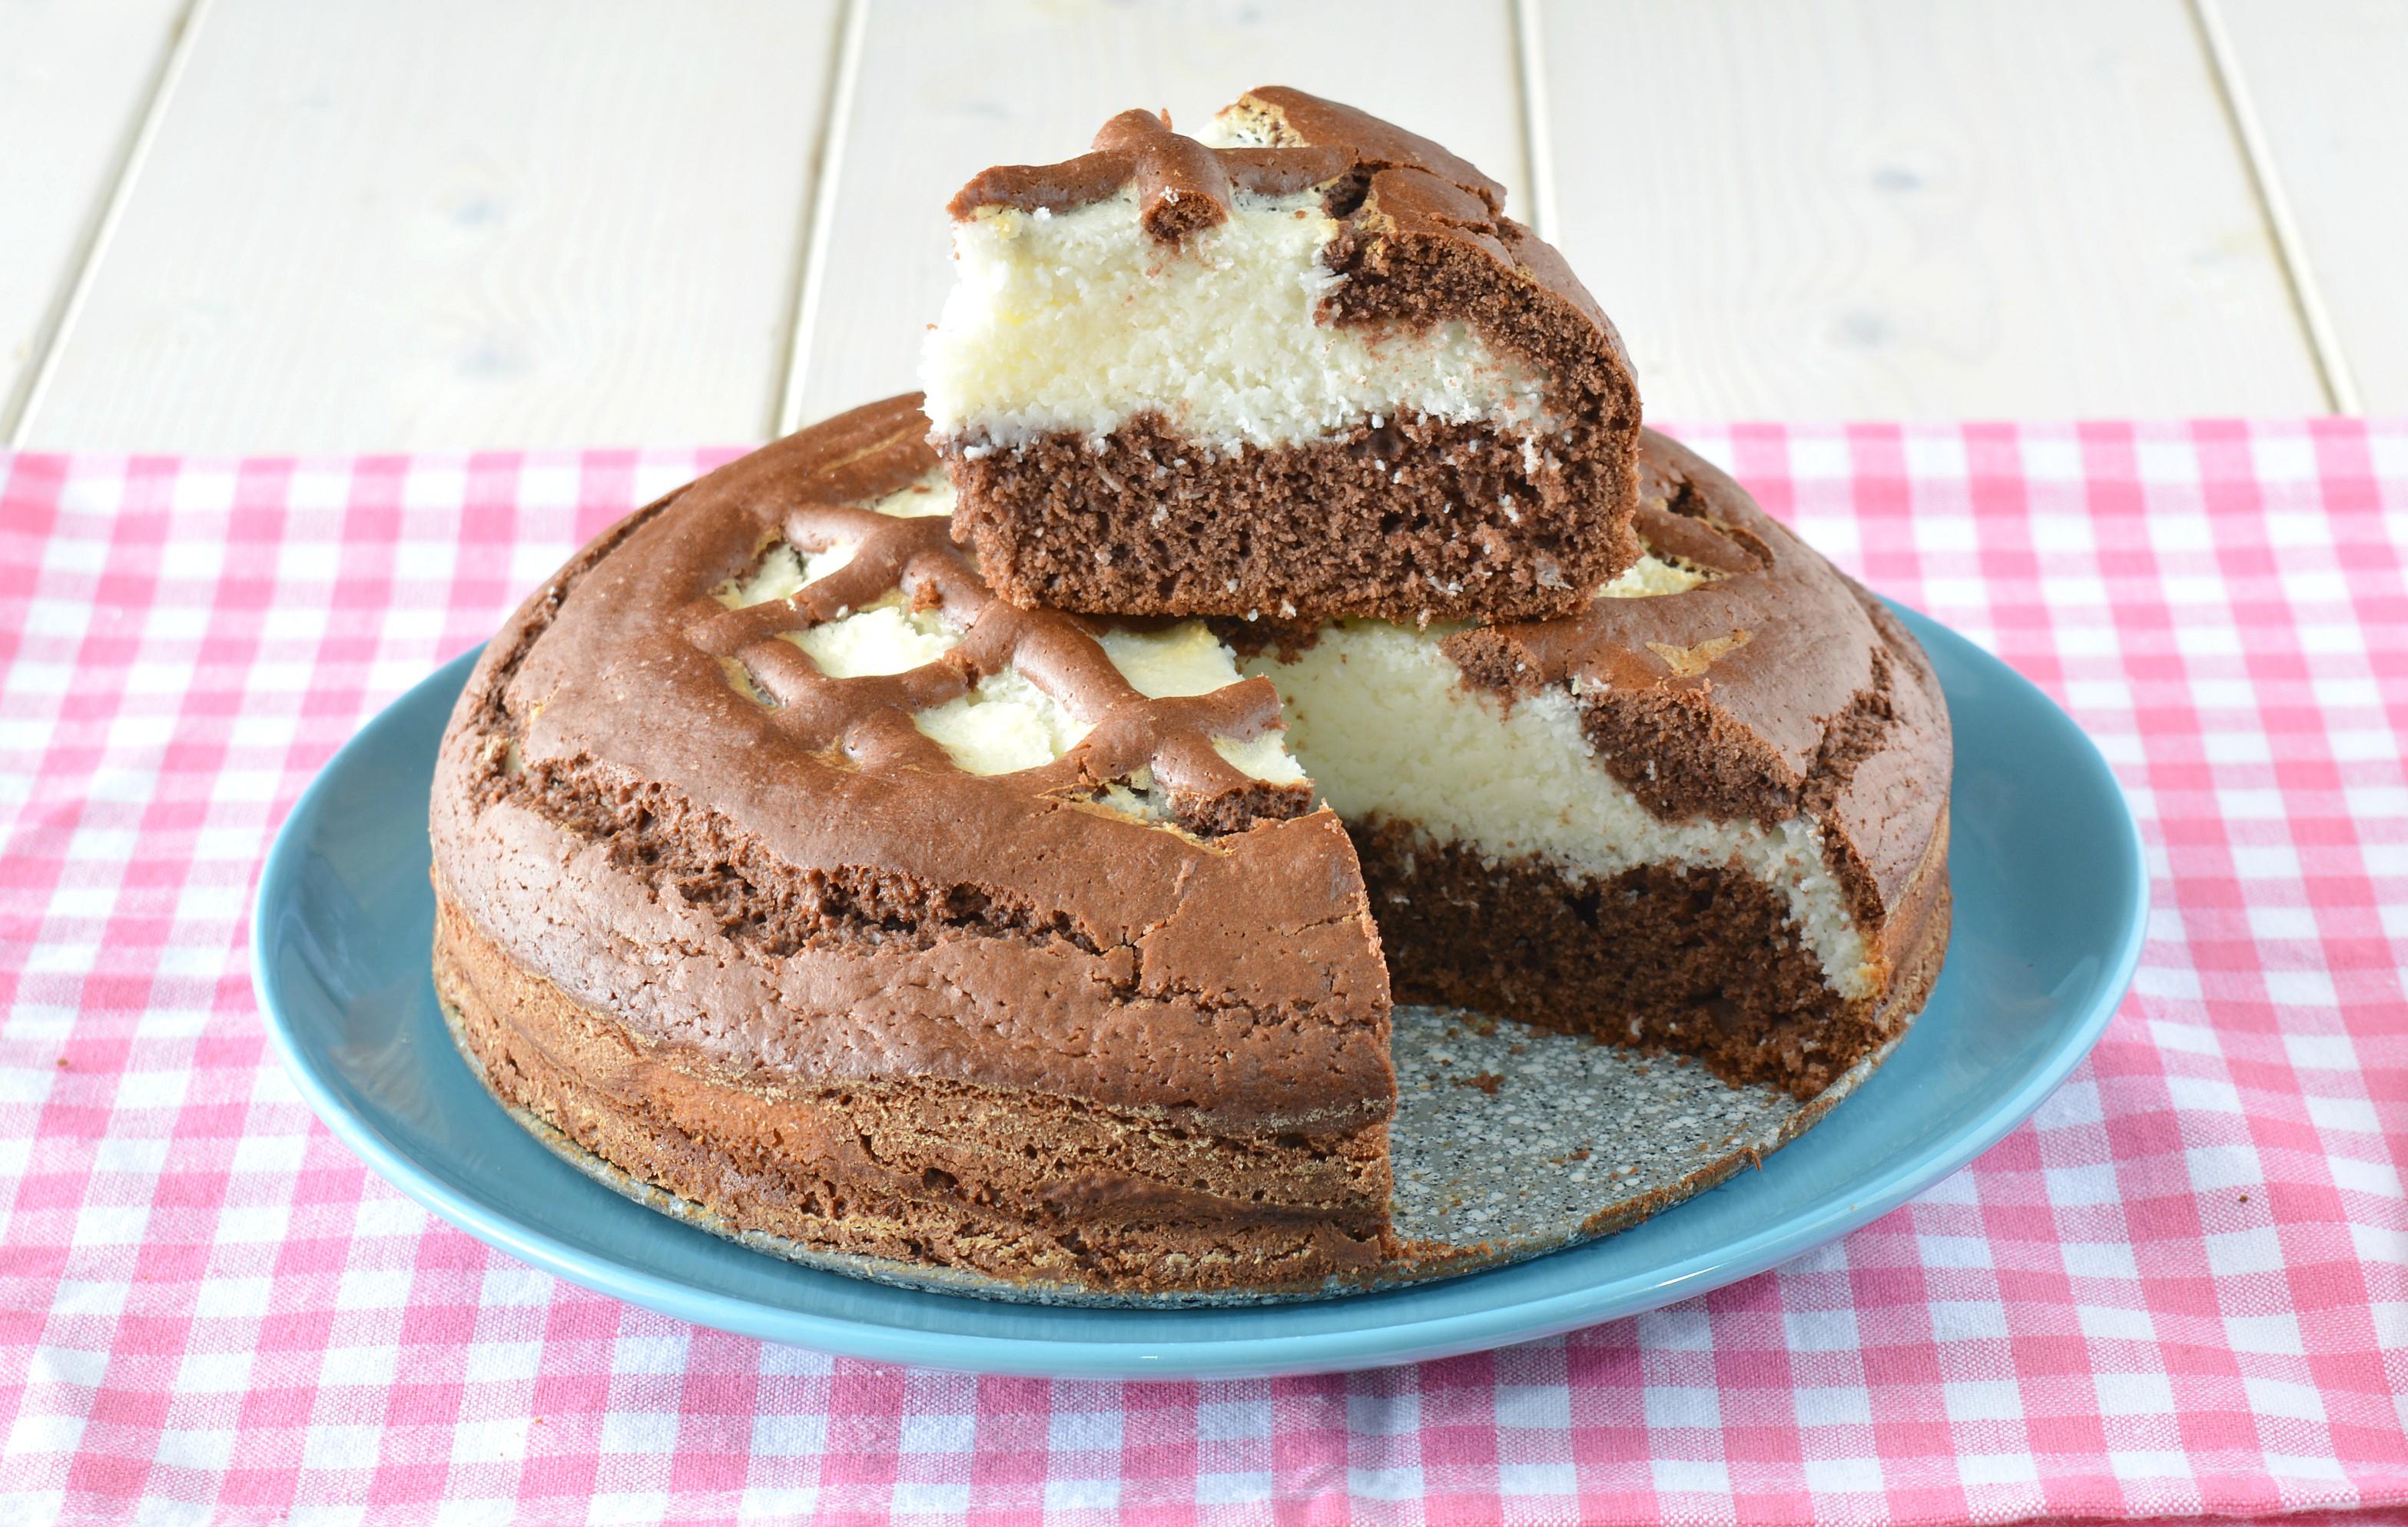 Torta morbida al cacao con crema al cocco